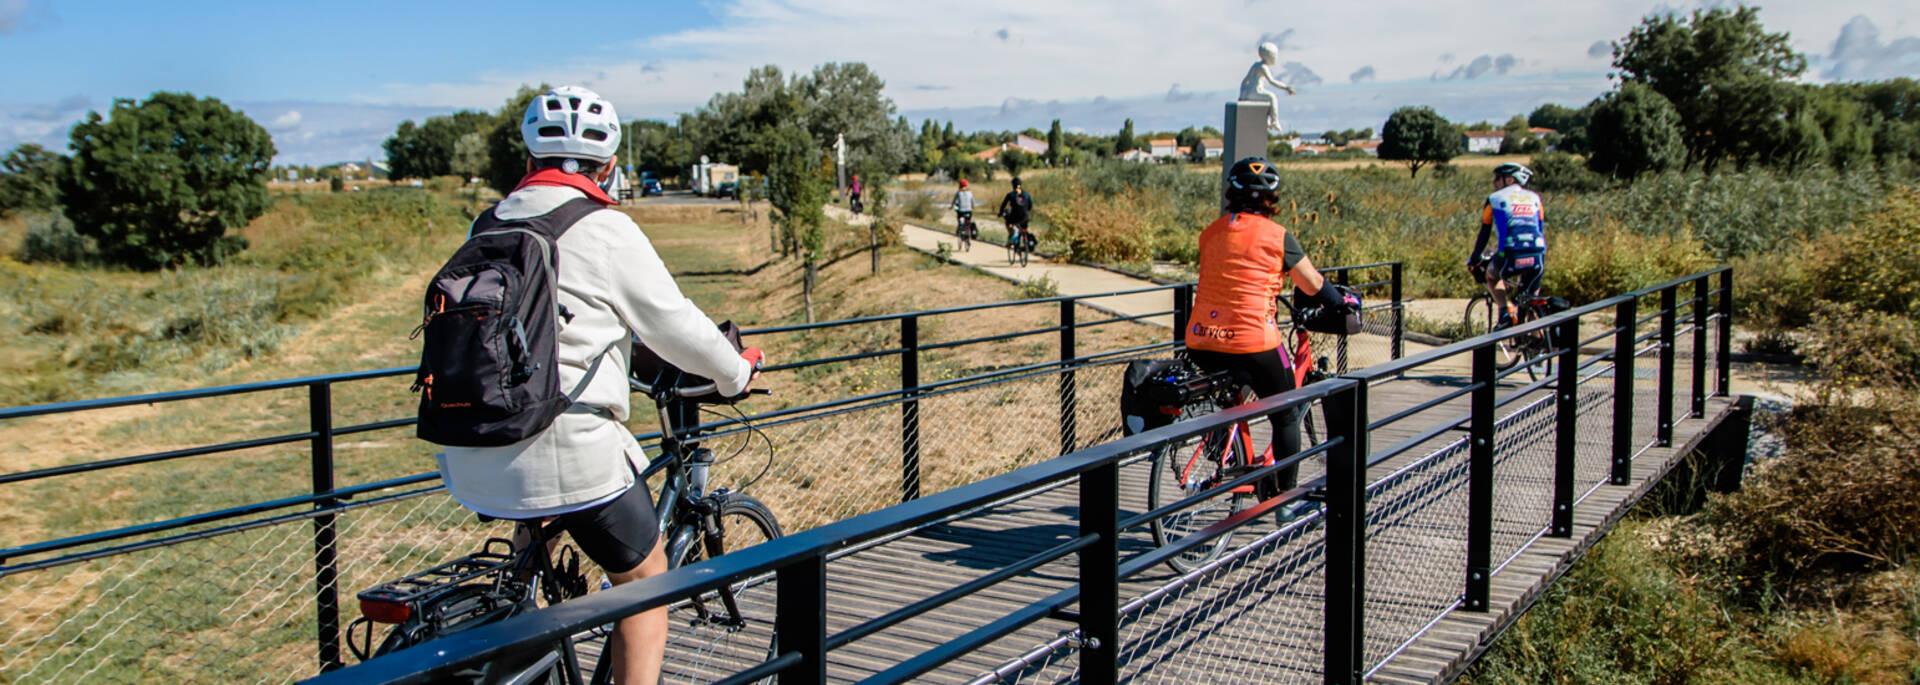 Le sentier des Guetteurs autour du Pont Transbordeur © L.Petillon